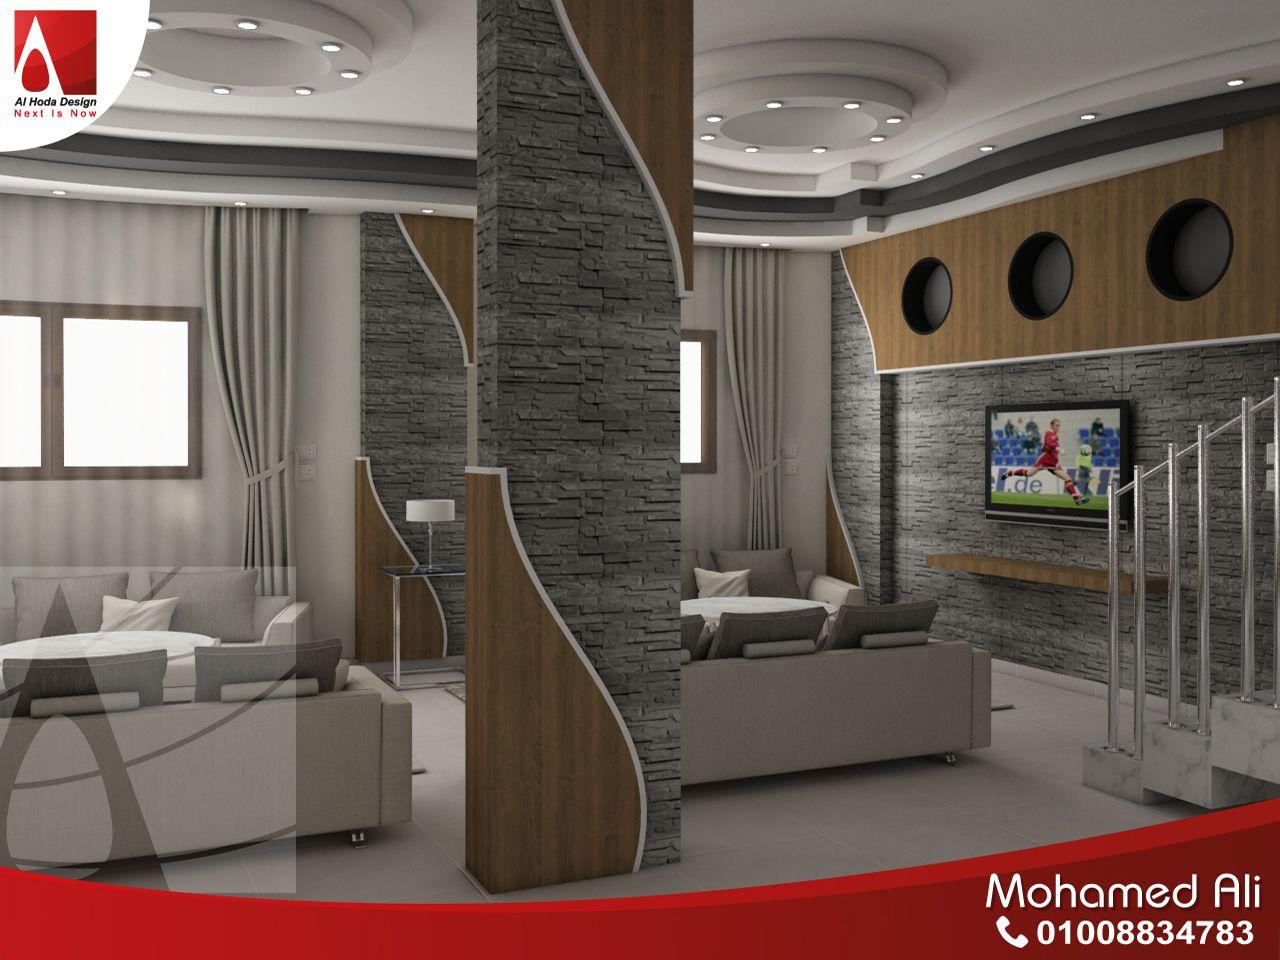 منطقة الليفينج بالاعمدة تم تجليدها بحجر وخشب مكسى بالقشرة Column Design Design Home